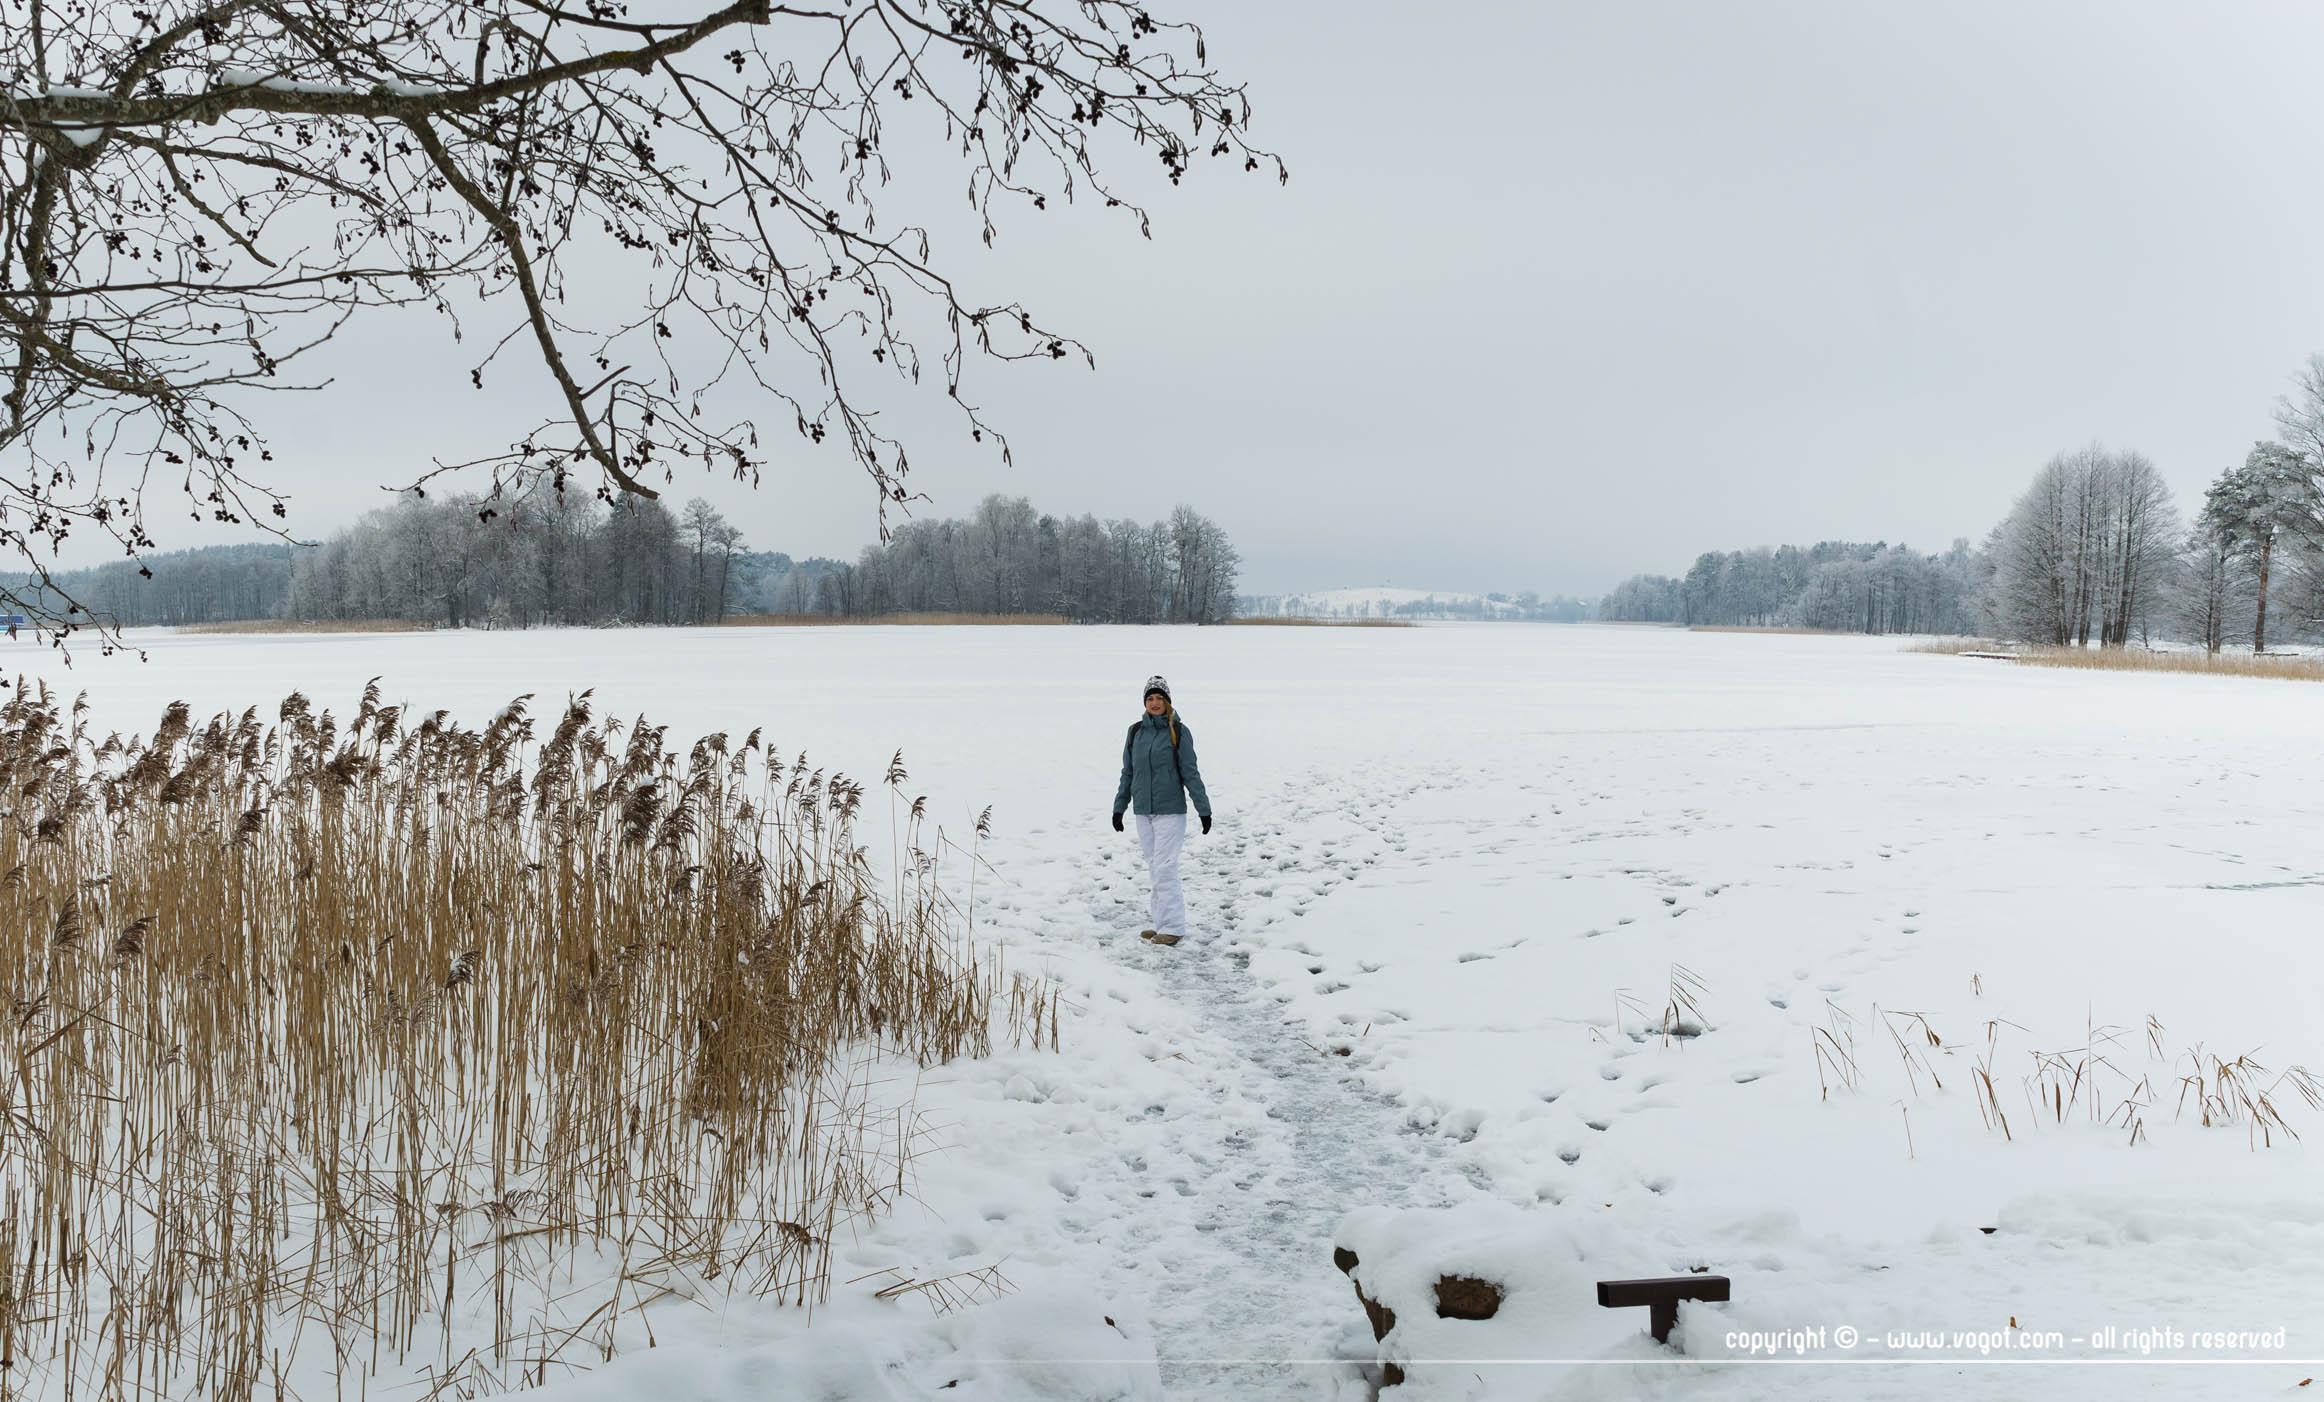 Trakai en hiver - Chloé sur le lac le plus grand du site entièrement gelé